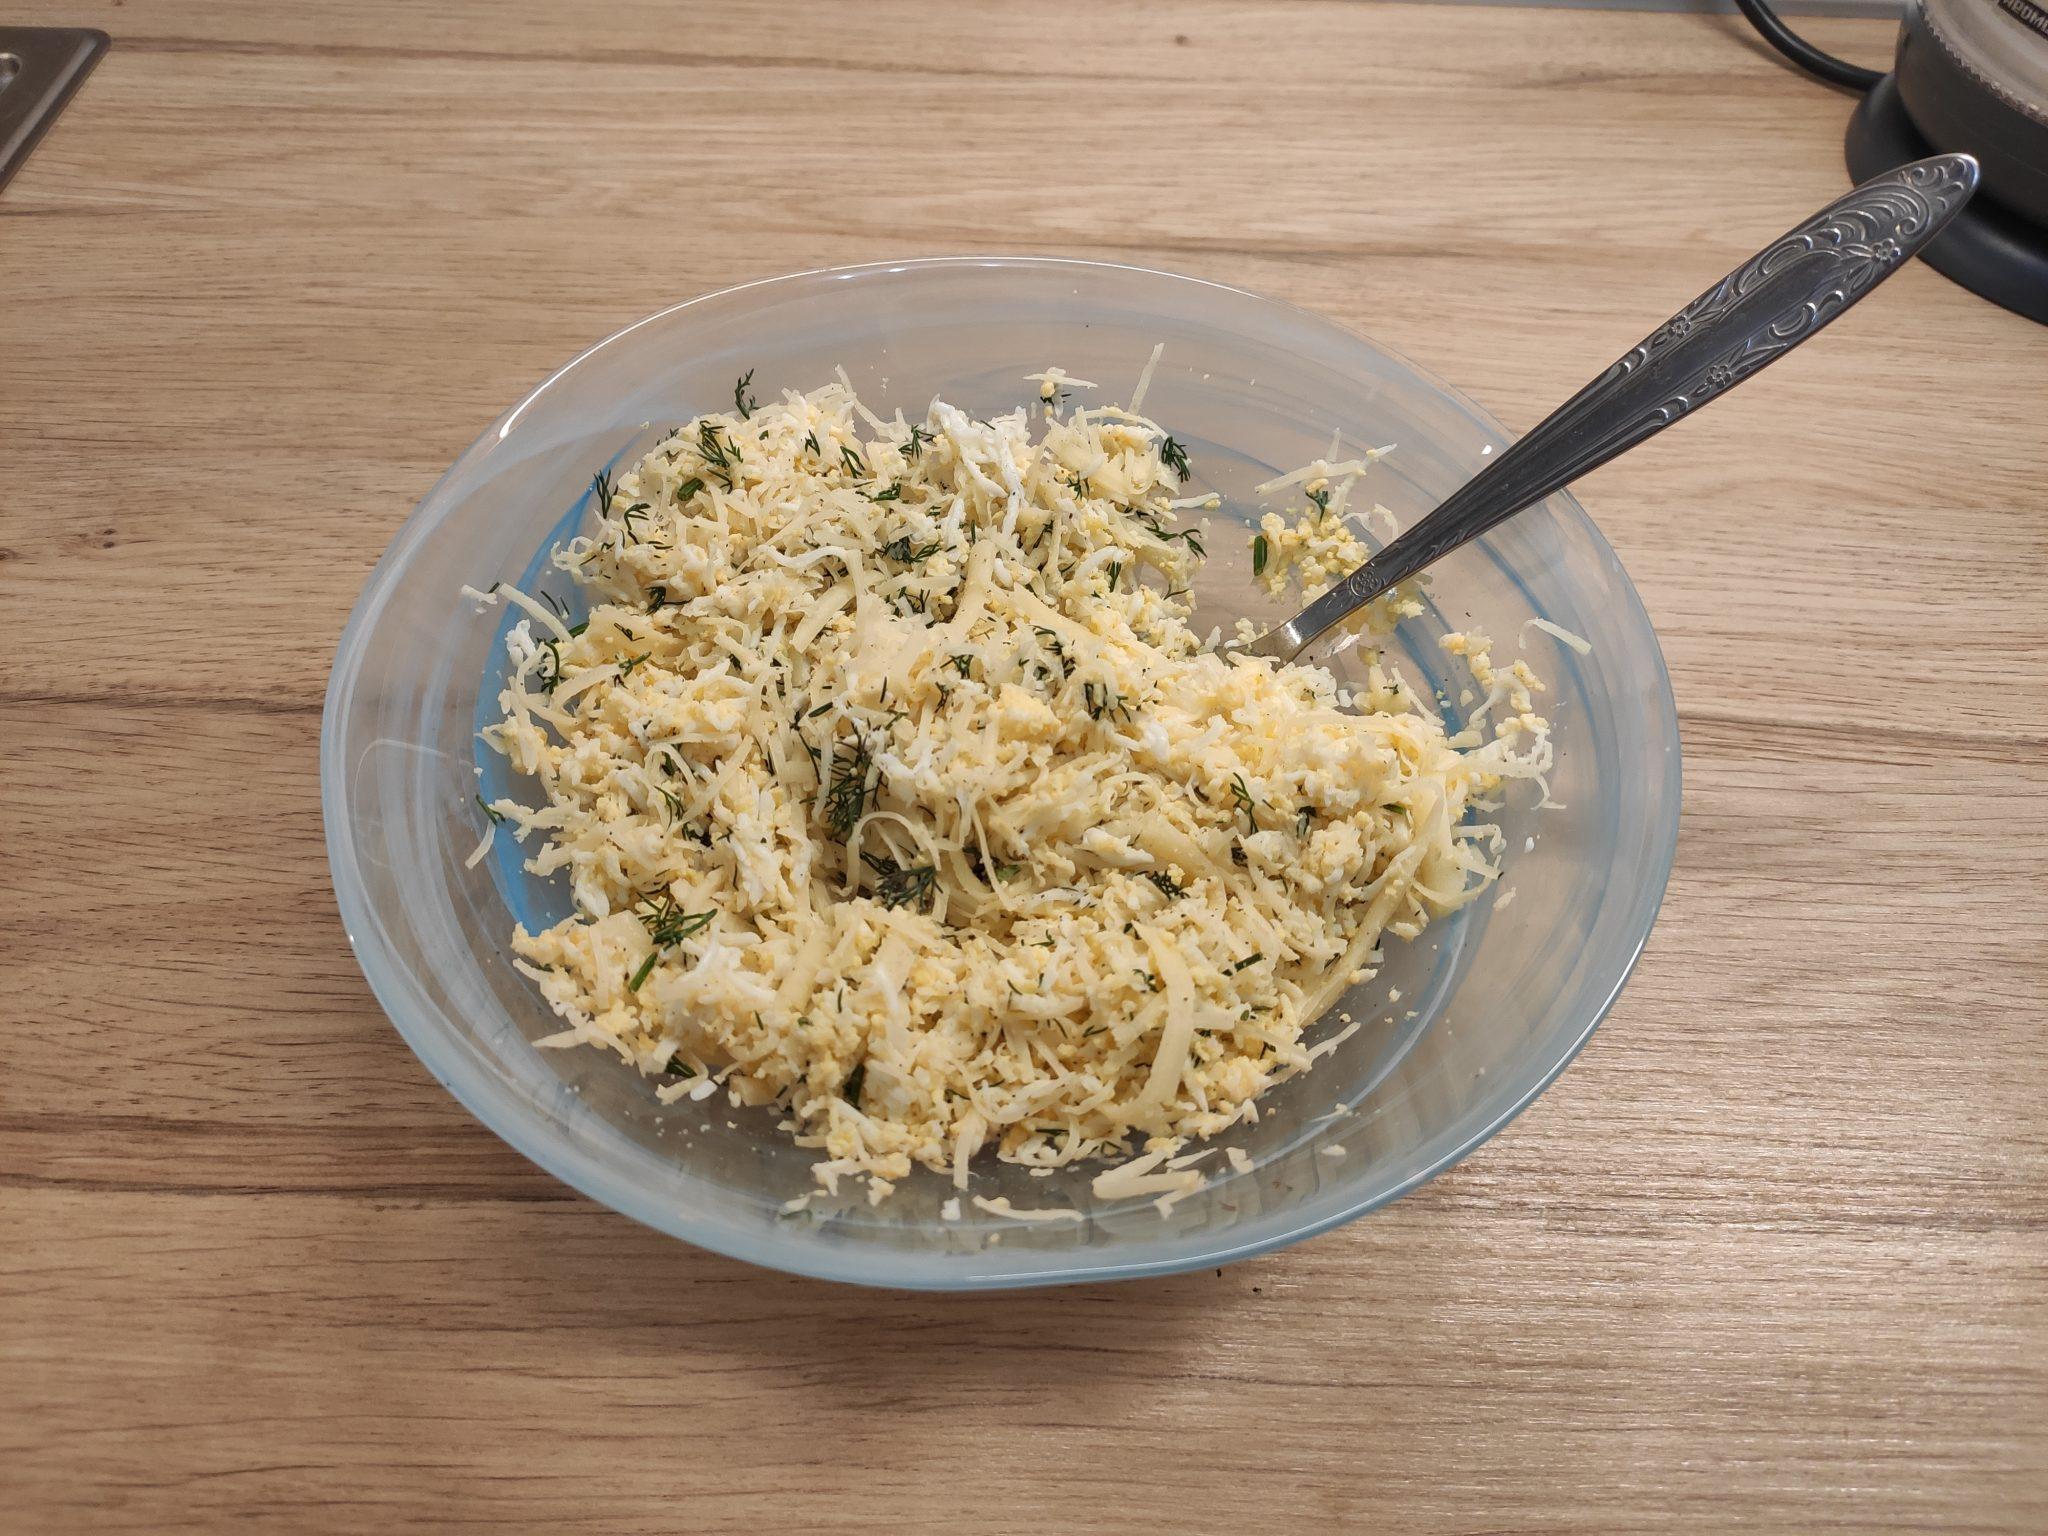 Мясные гнезда с начинкой - пошаговый рецепт с фотографиями